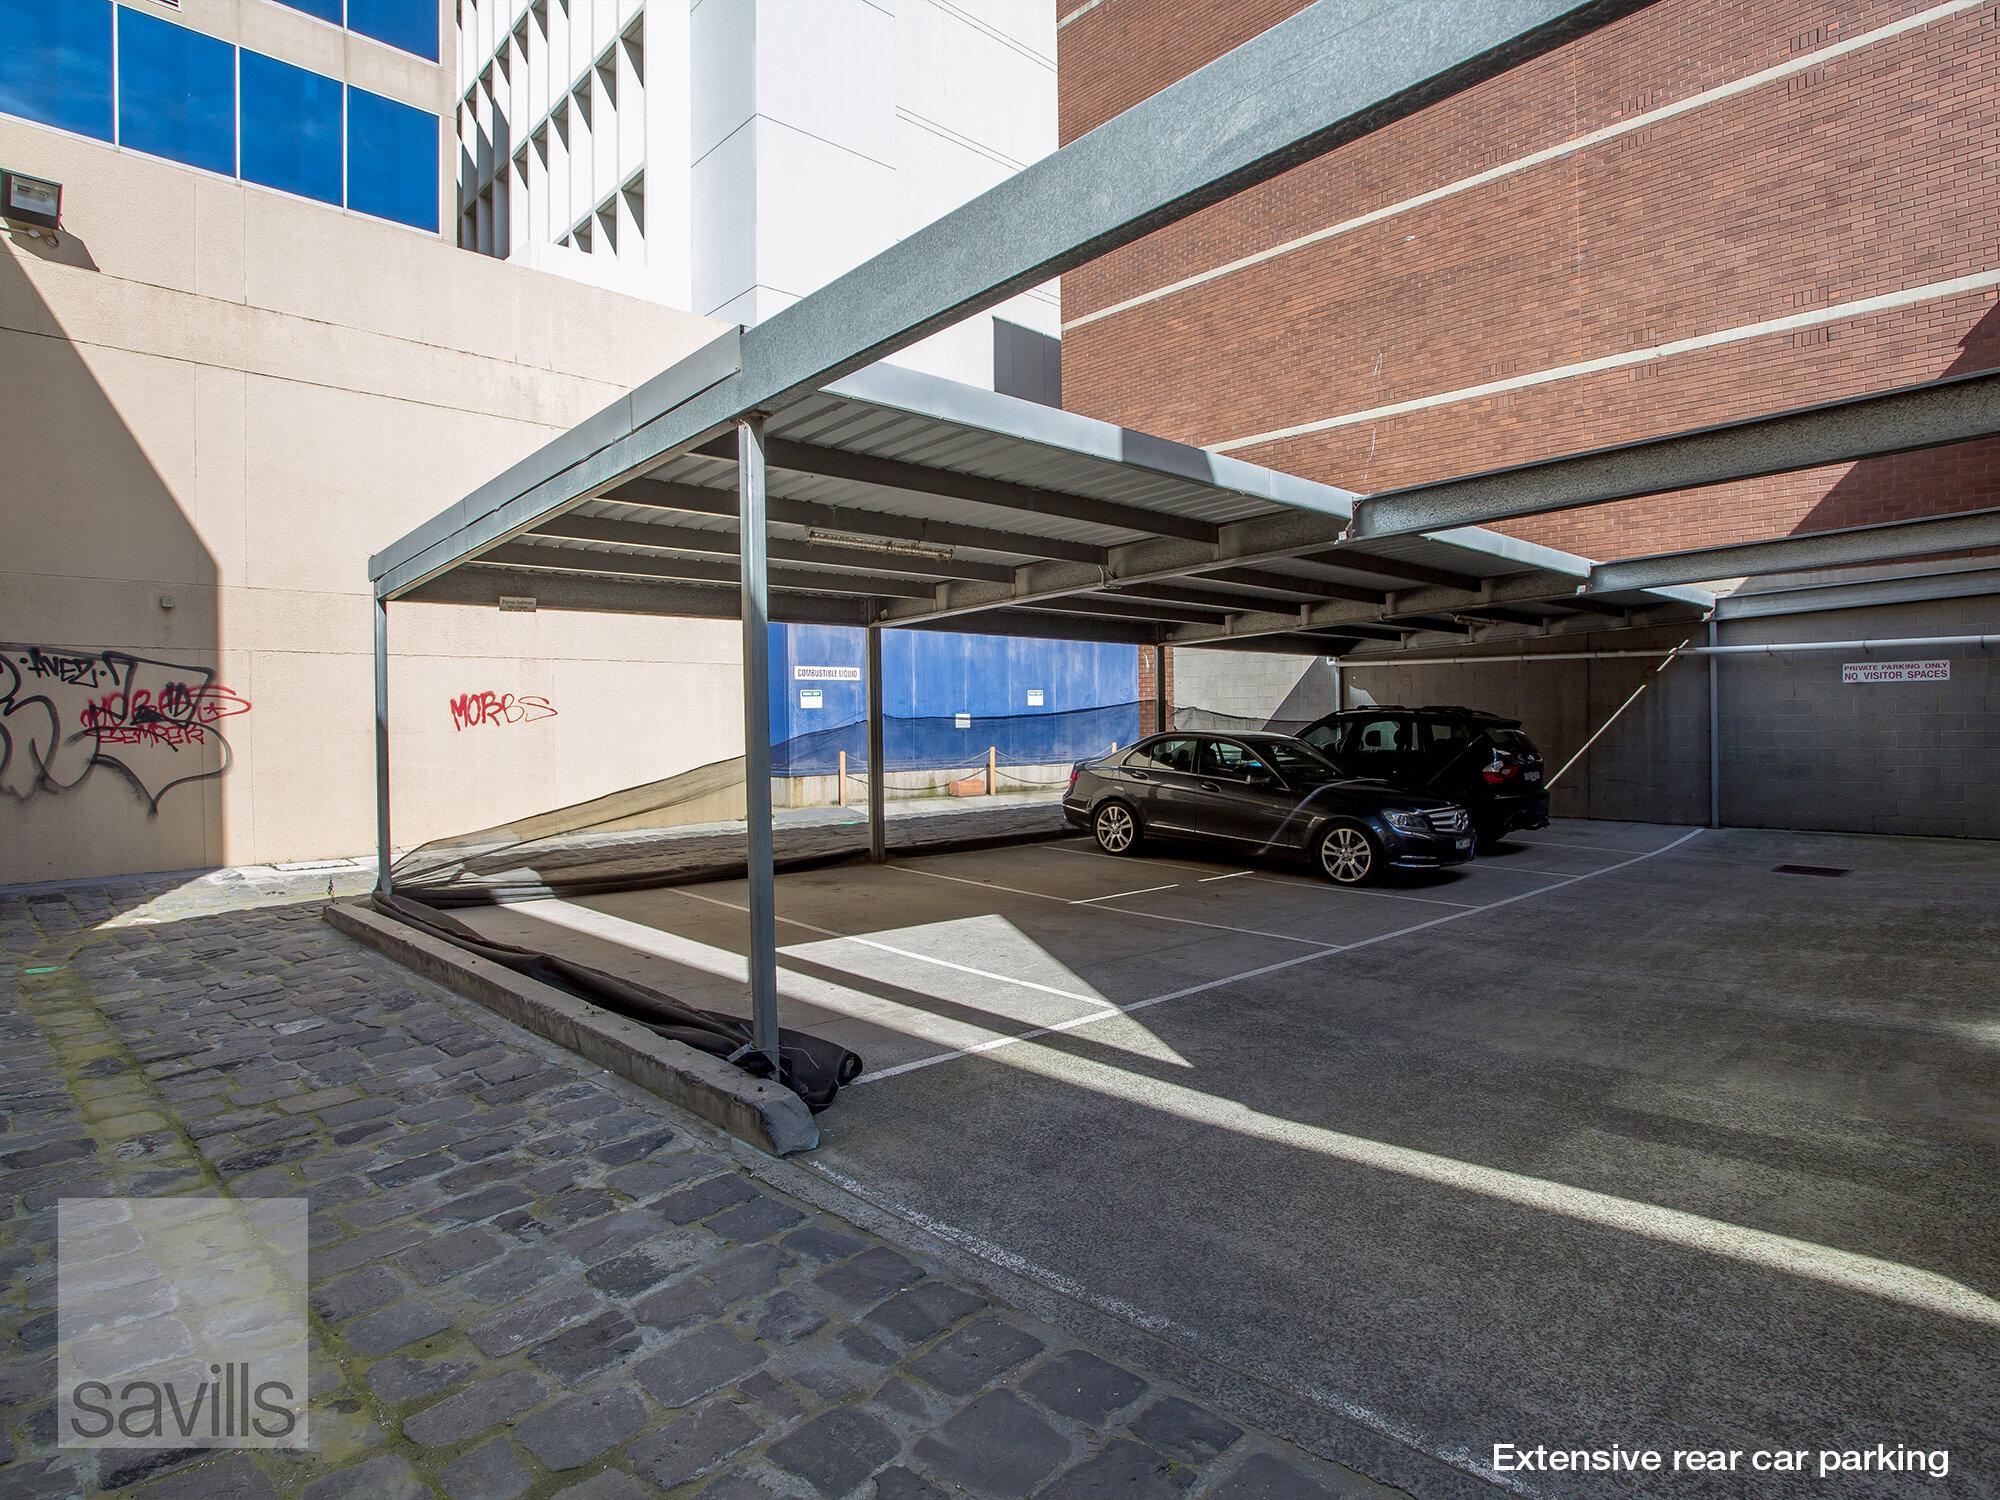 9 - Extensive rear car parking.jpg